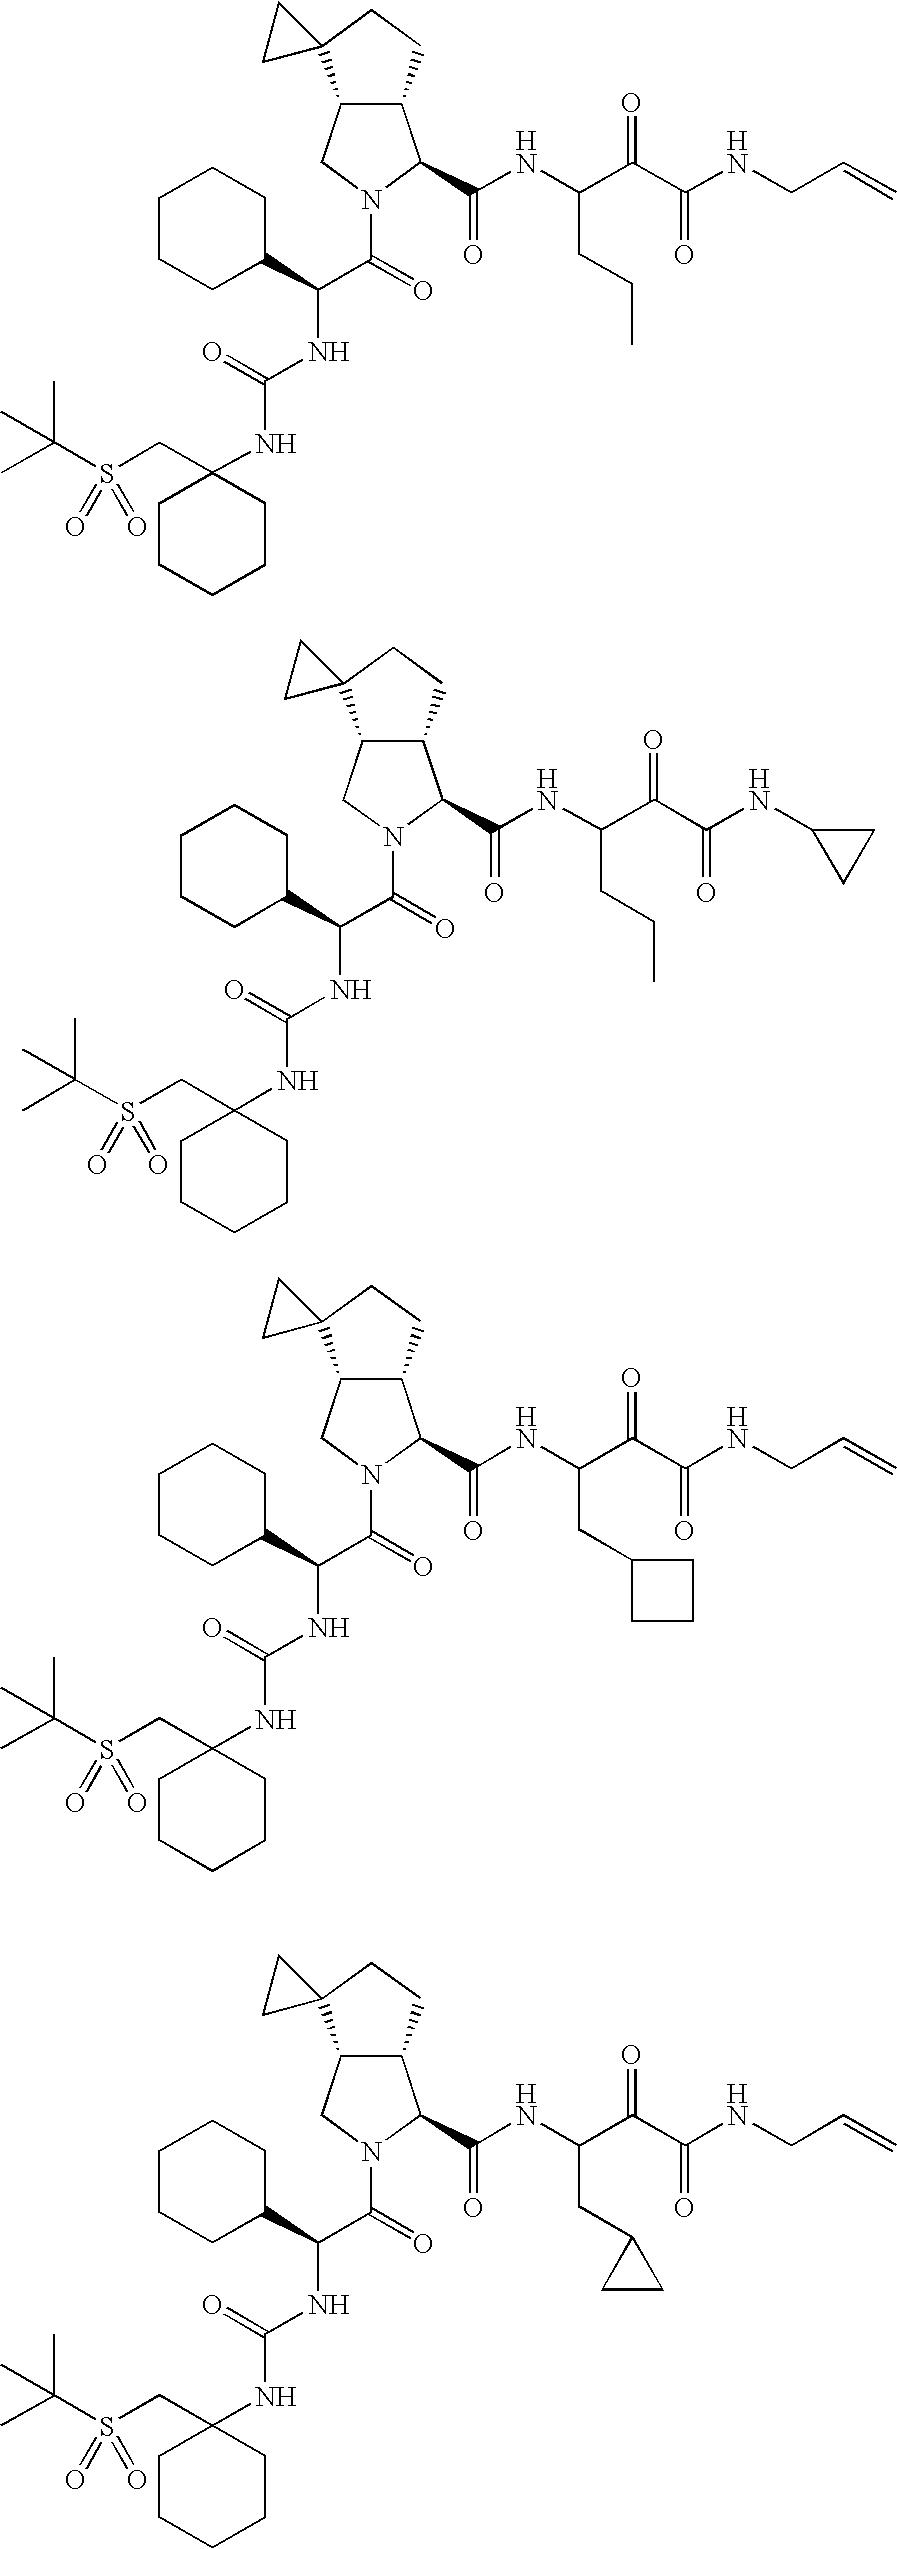 Figure US20060287248A1-20061221-C00505